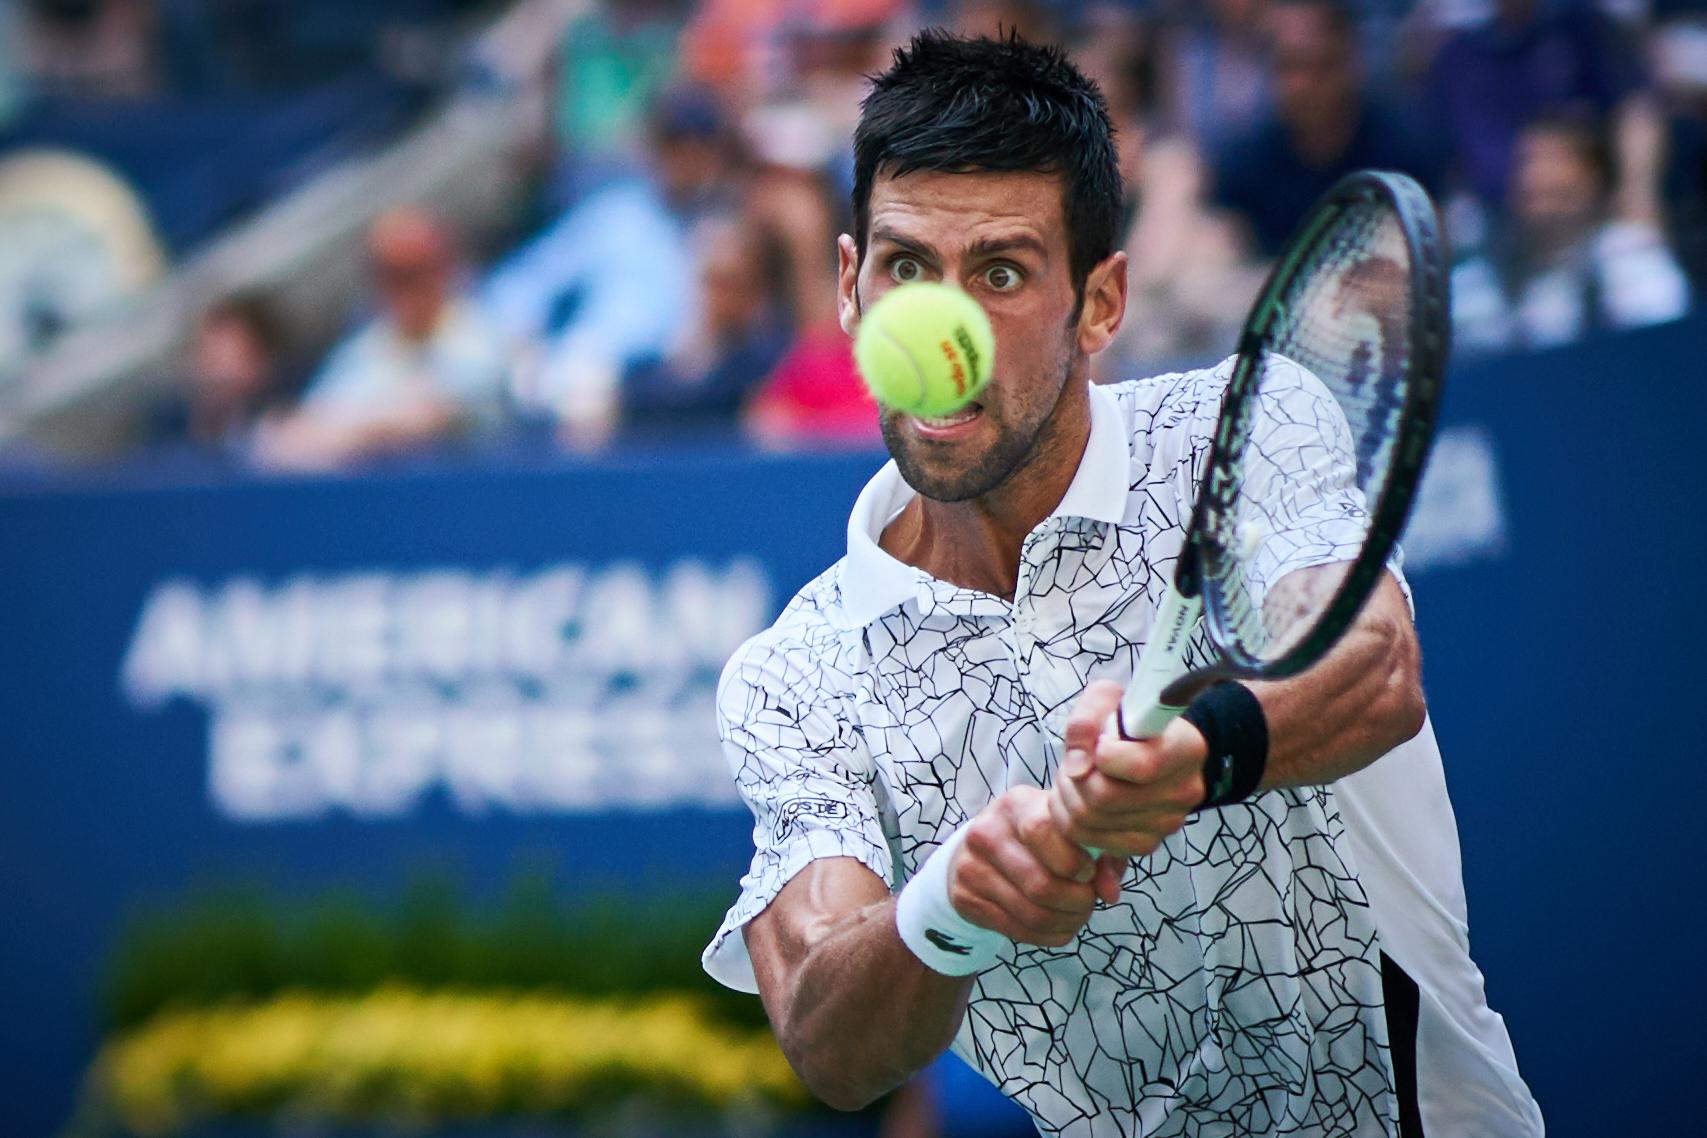 Novak Djokovic, Arthur Ashe Stadium, 3rd round Men's Singles  Sony A9, Sony 85mm f1.4 GM